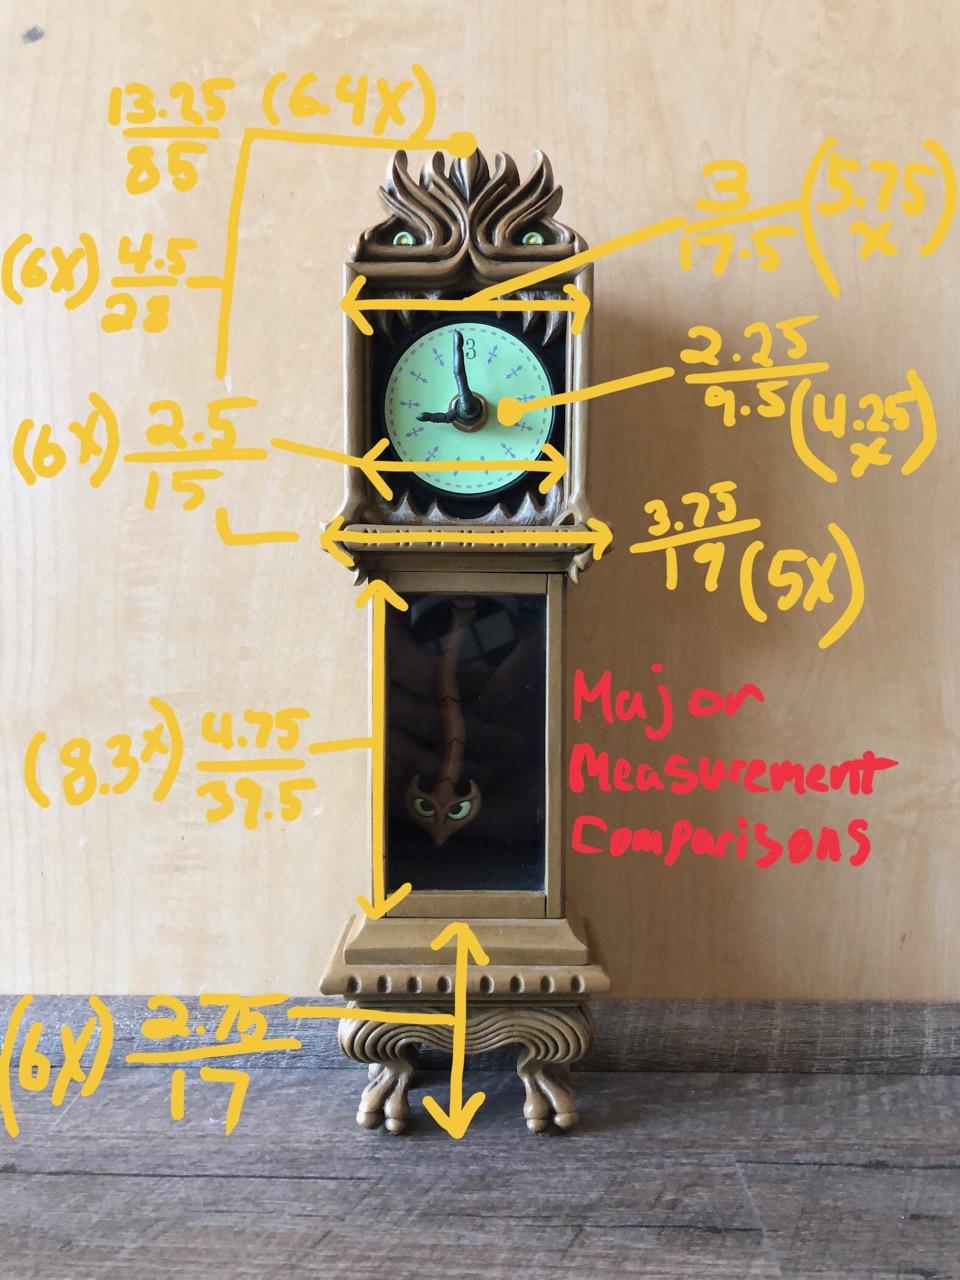 measurements_major_comparisons.jpg